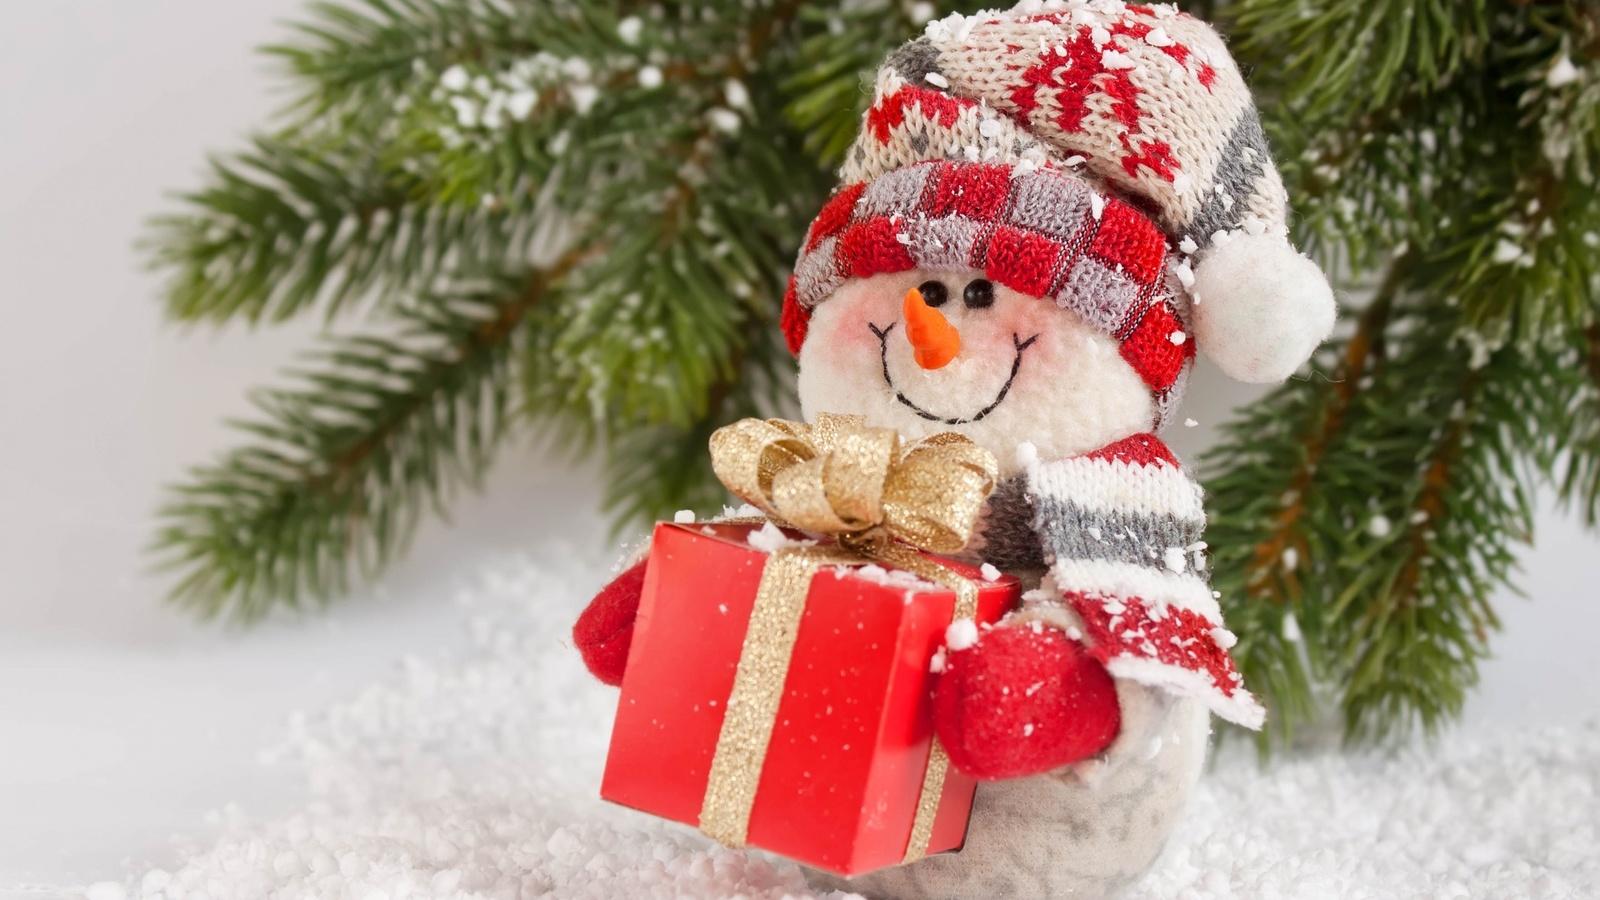 Новый год и рождество картинки красивые, сундук